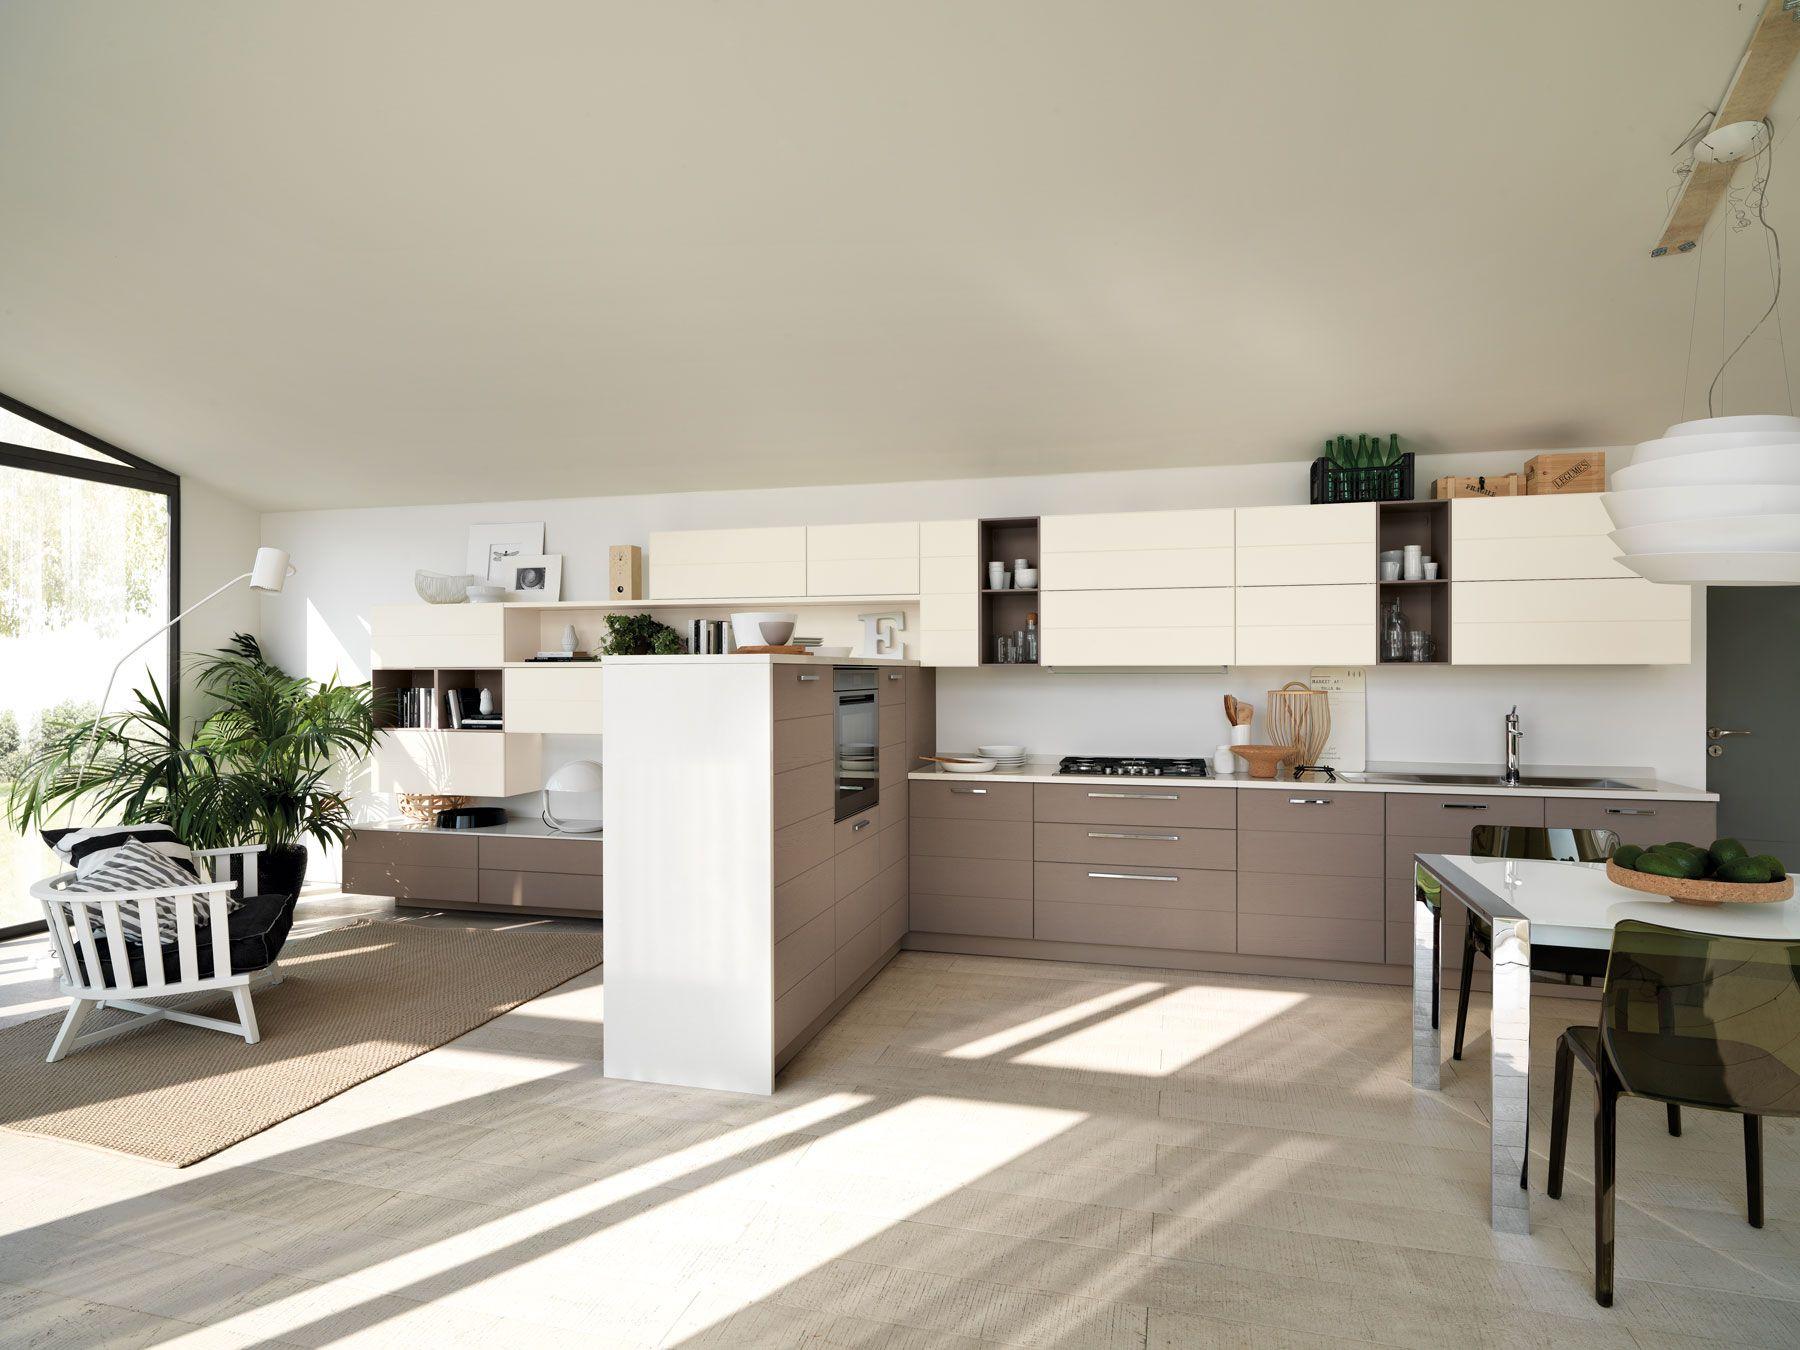 Cucina e soggiorno: un unico ambiente in 2019 | cucine | Cucine ...